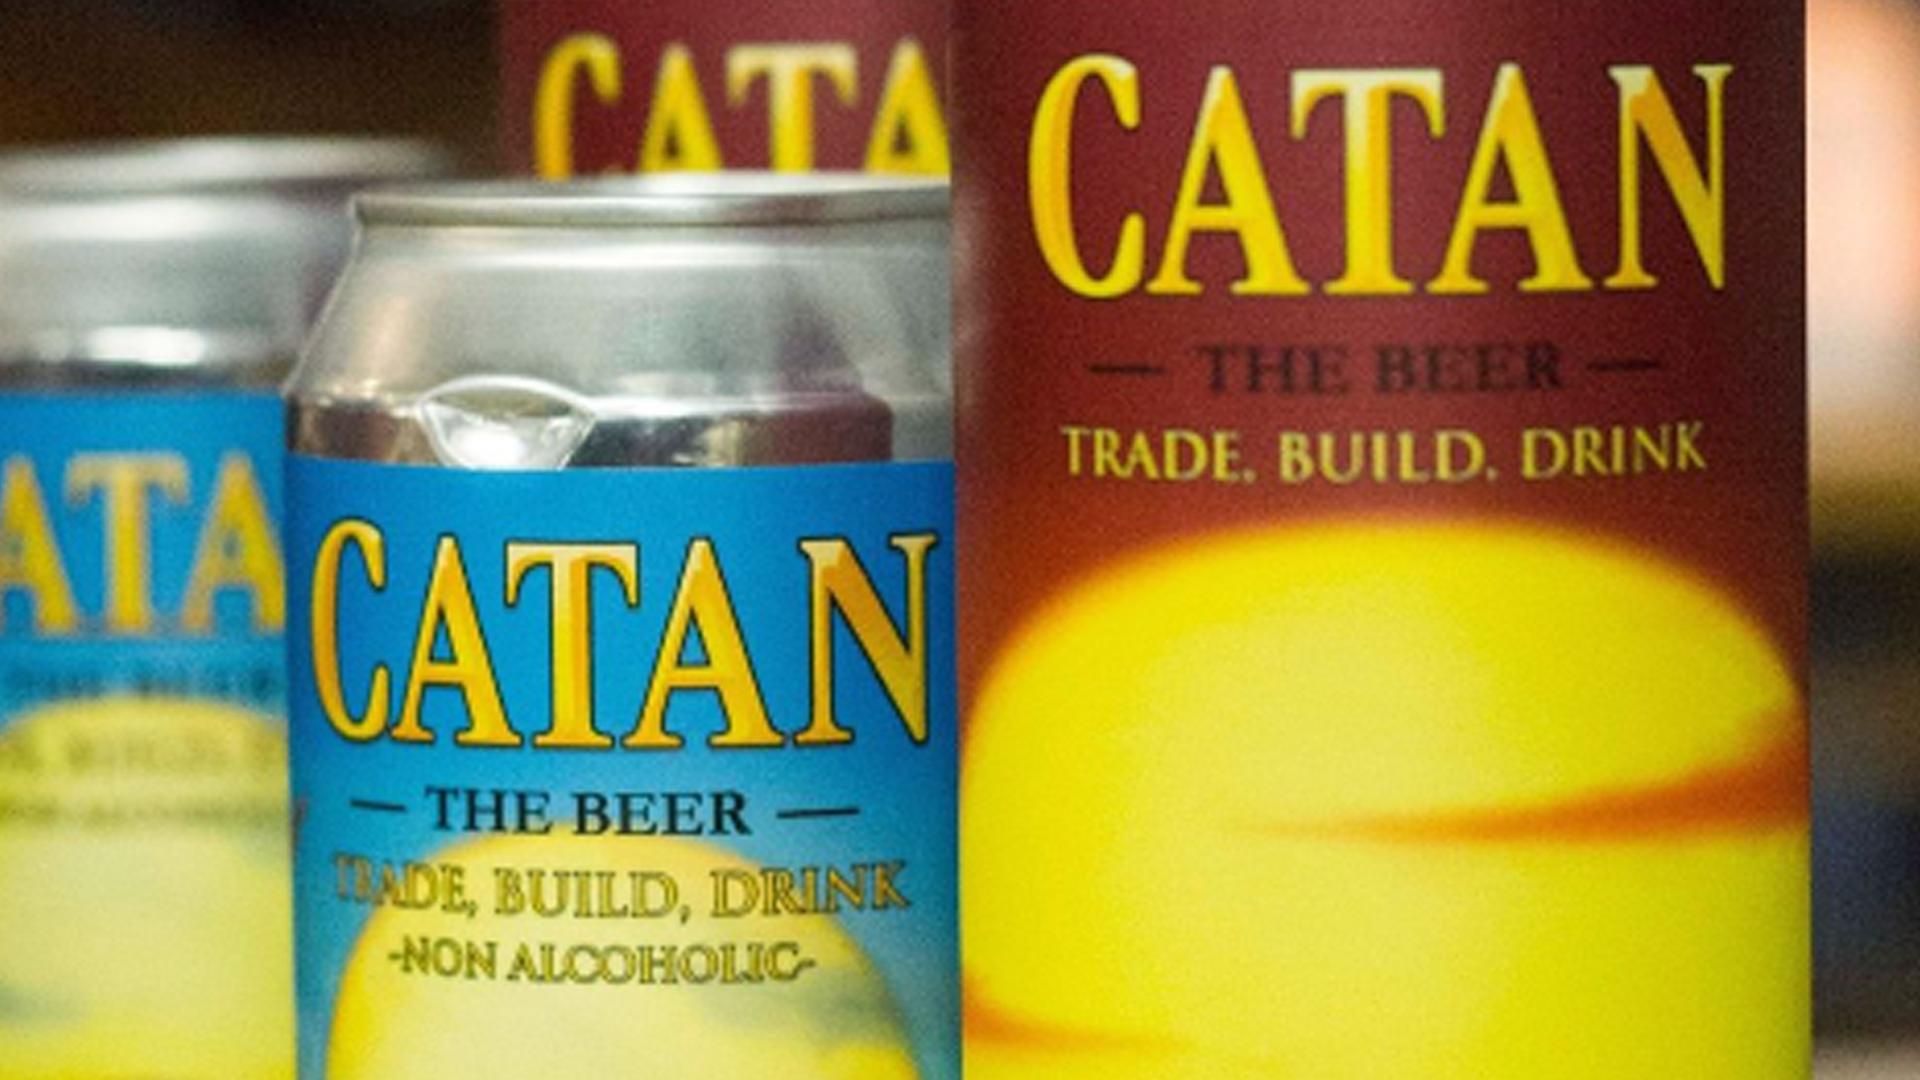 Catan Beer instagram